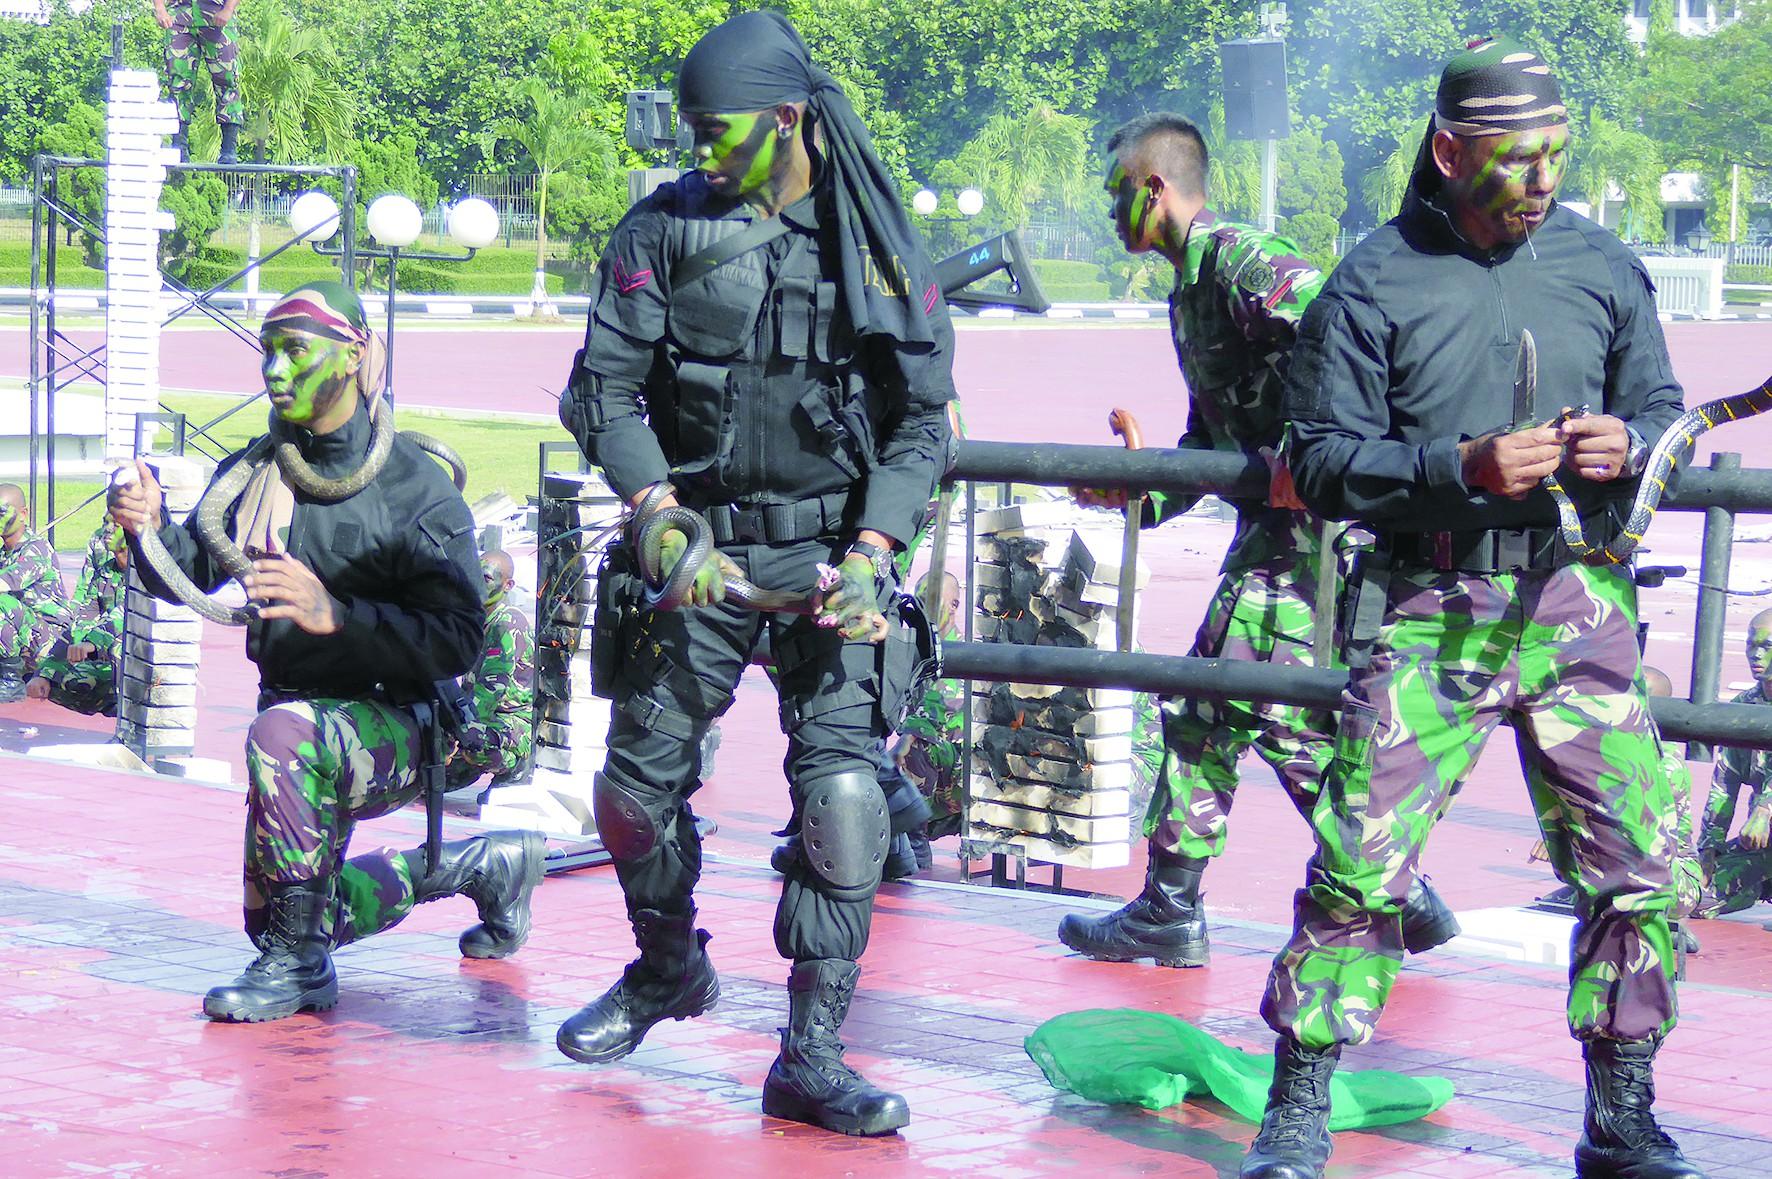 牙撕活蛇、生咽蛇血 印尼军人为美防长表演绝技